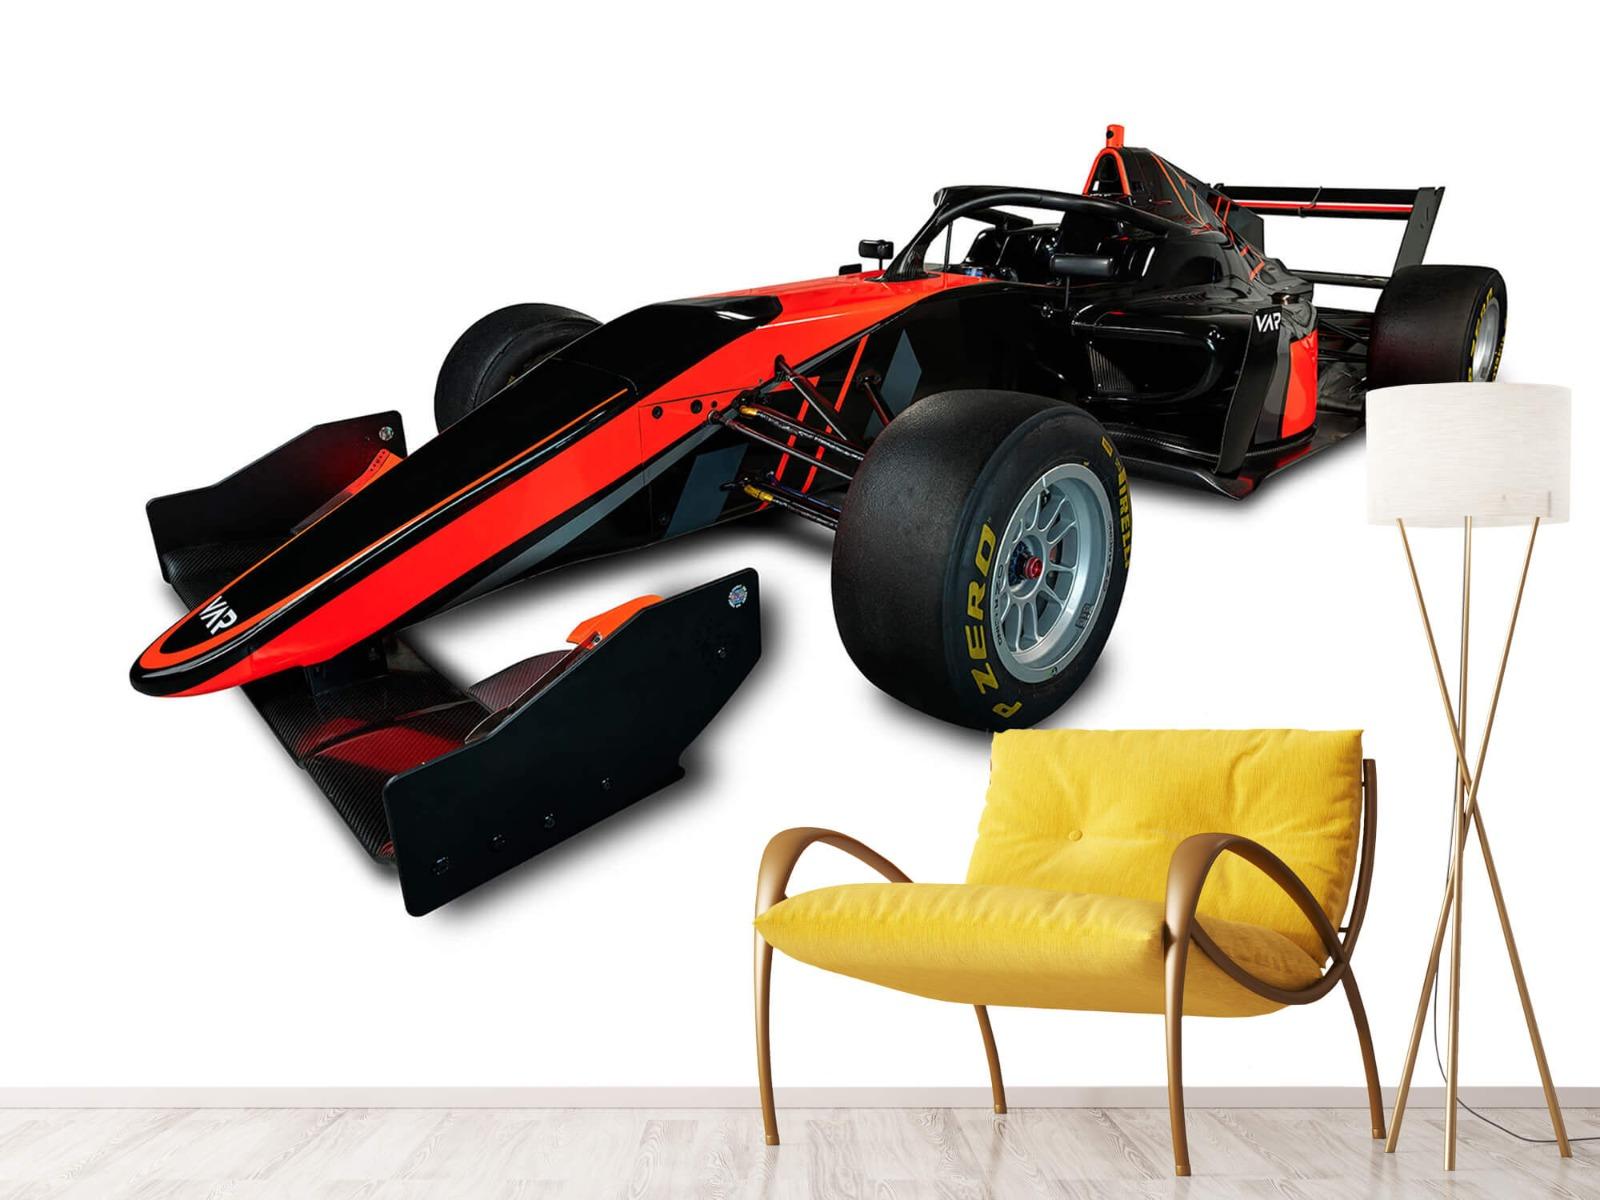 Sportauto's - Formule 3 - Left front view - Tienerkamer 10